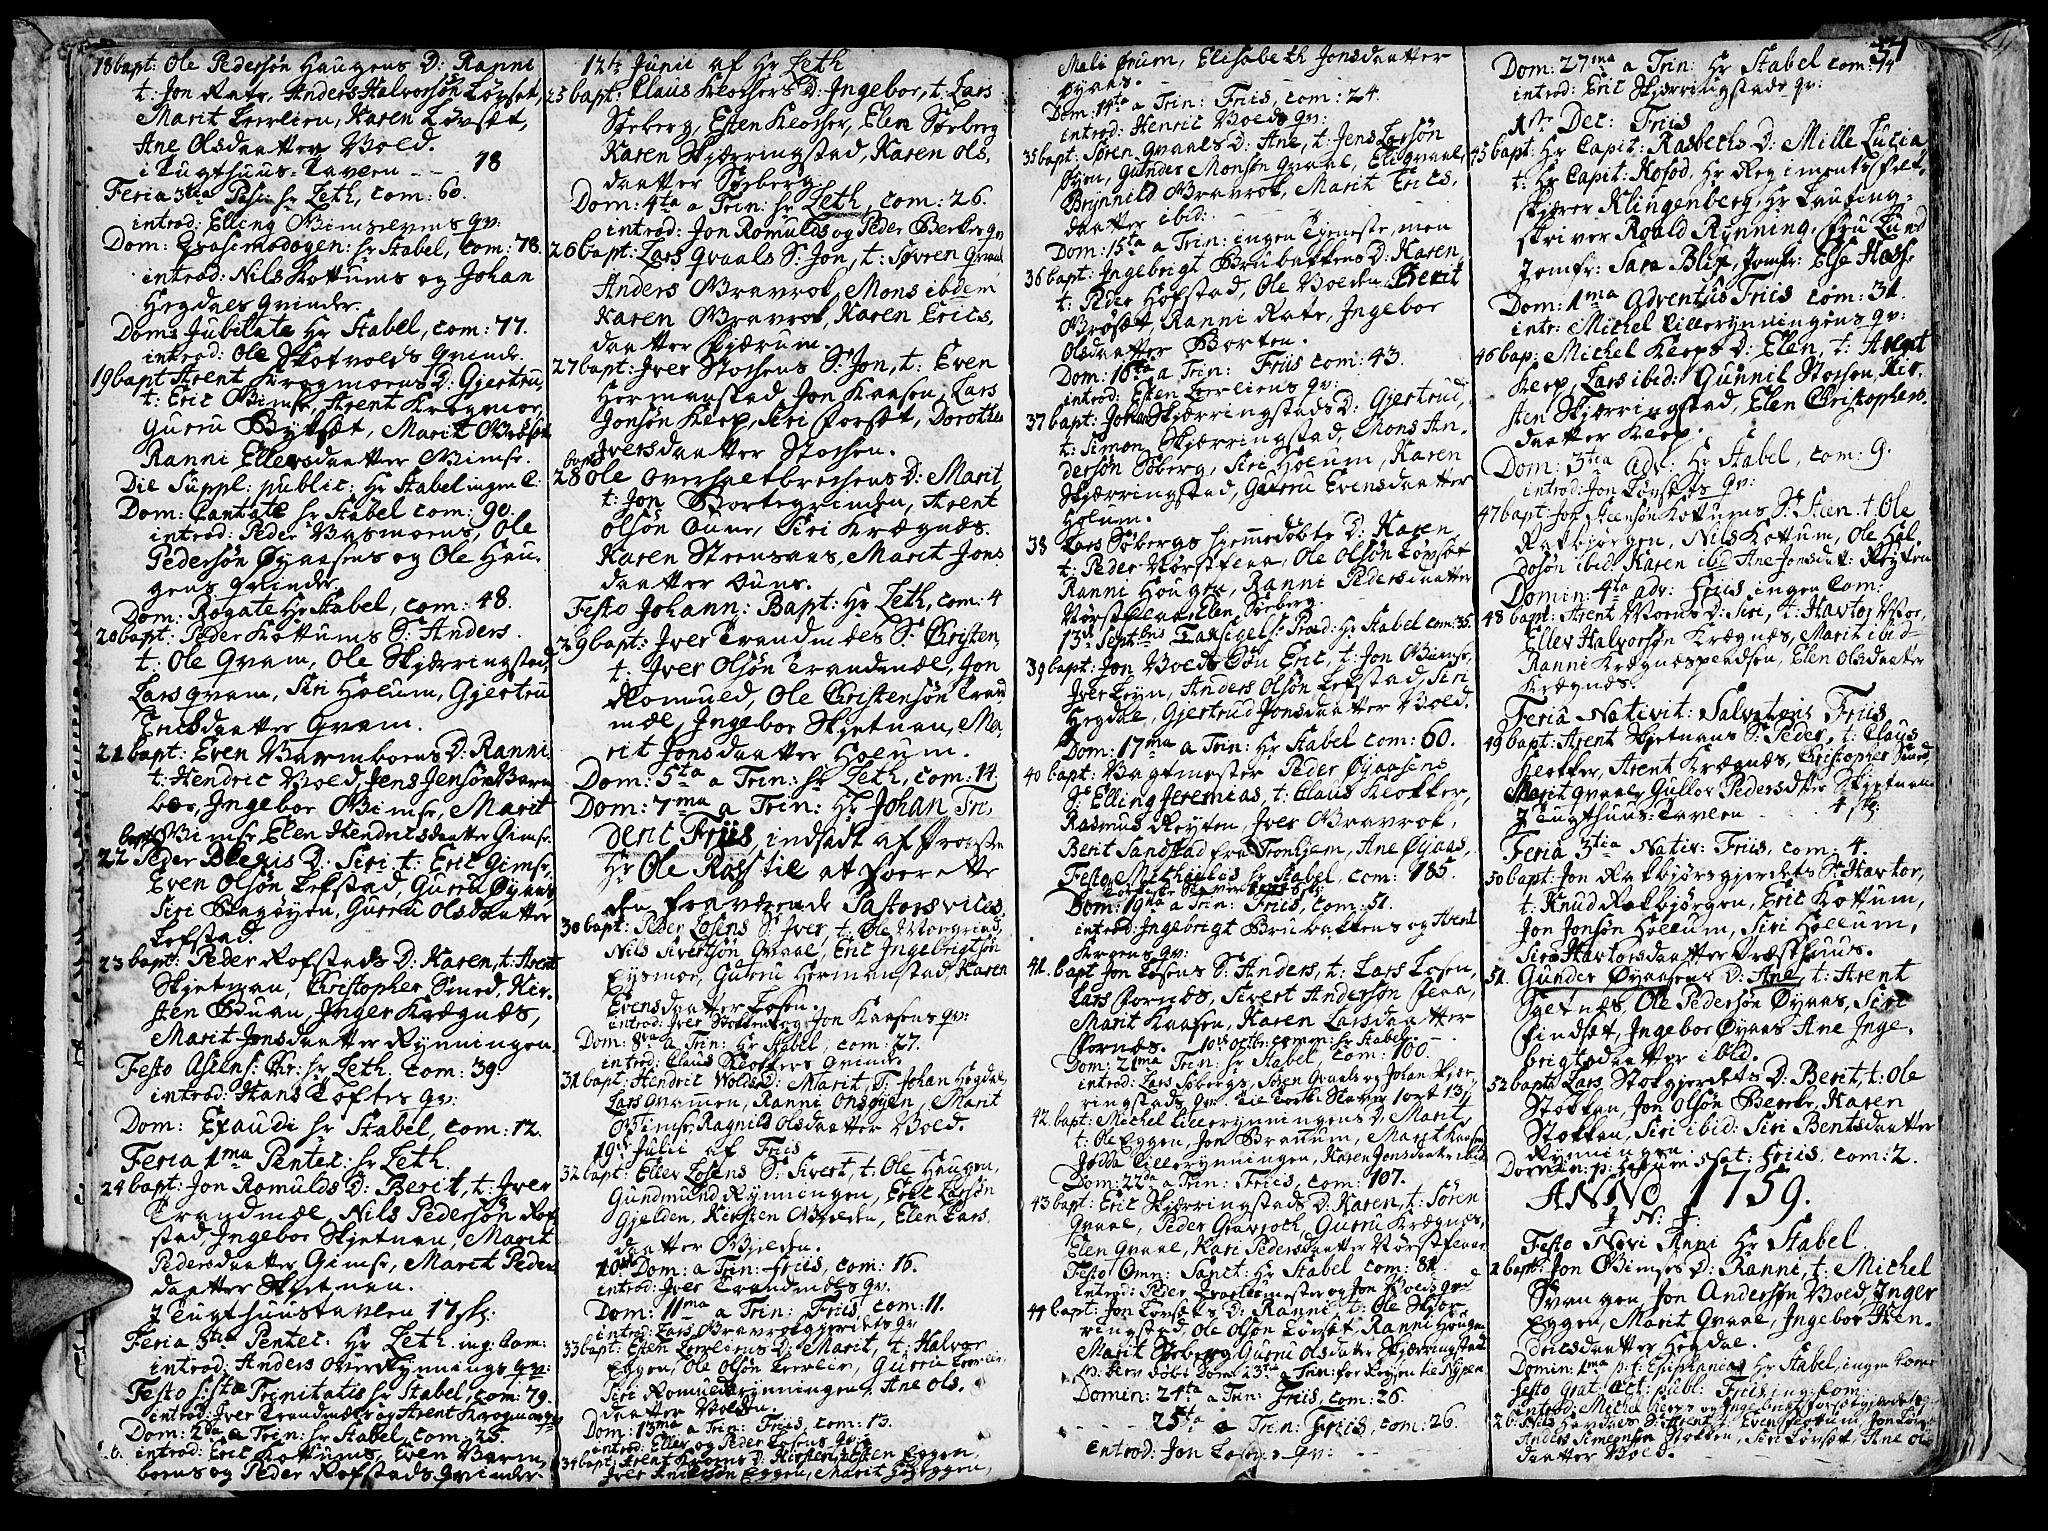 SAT, Ministerialprotokoller, klokkerbøker og fødselsregistre - Sør-Trøndelag, 691/L1057: Ministerialbok nr. 691A01 /1, 1740-1767, s. 37